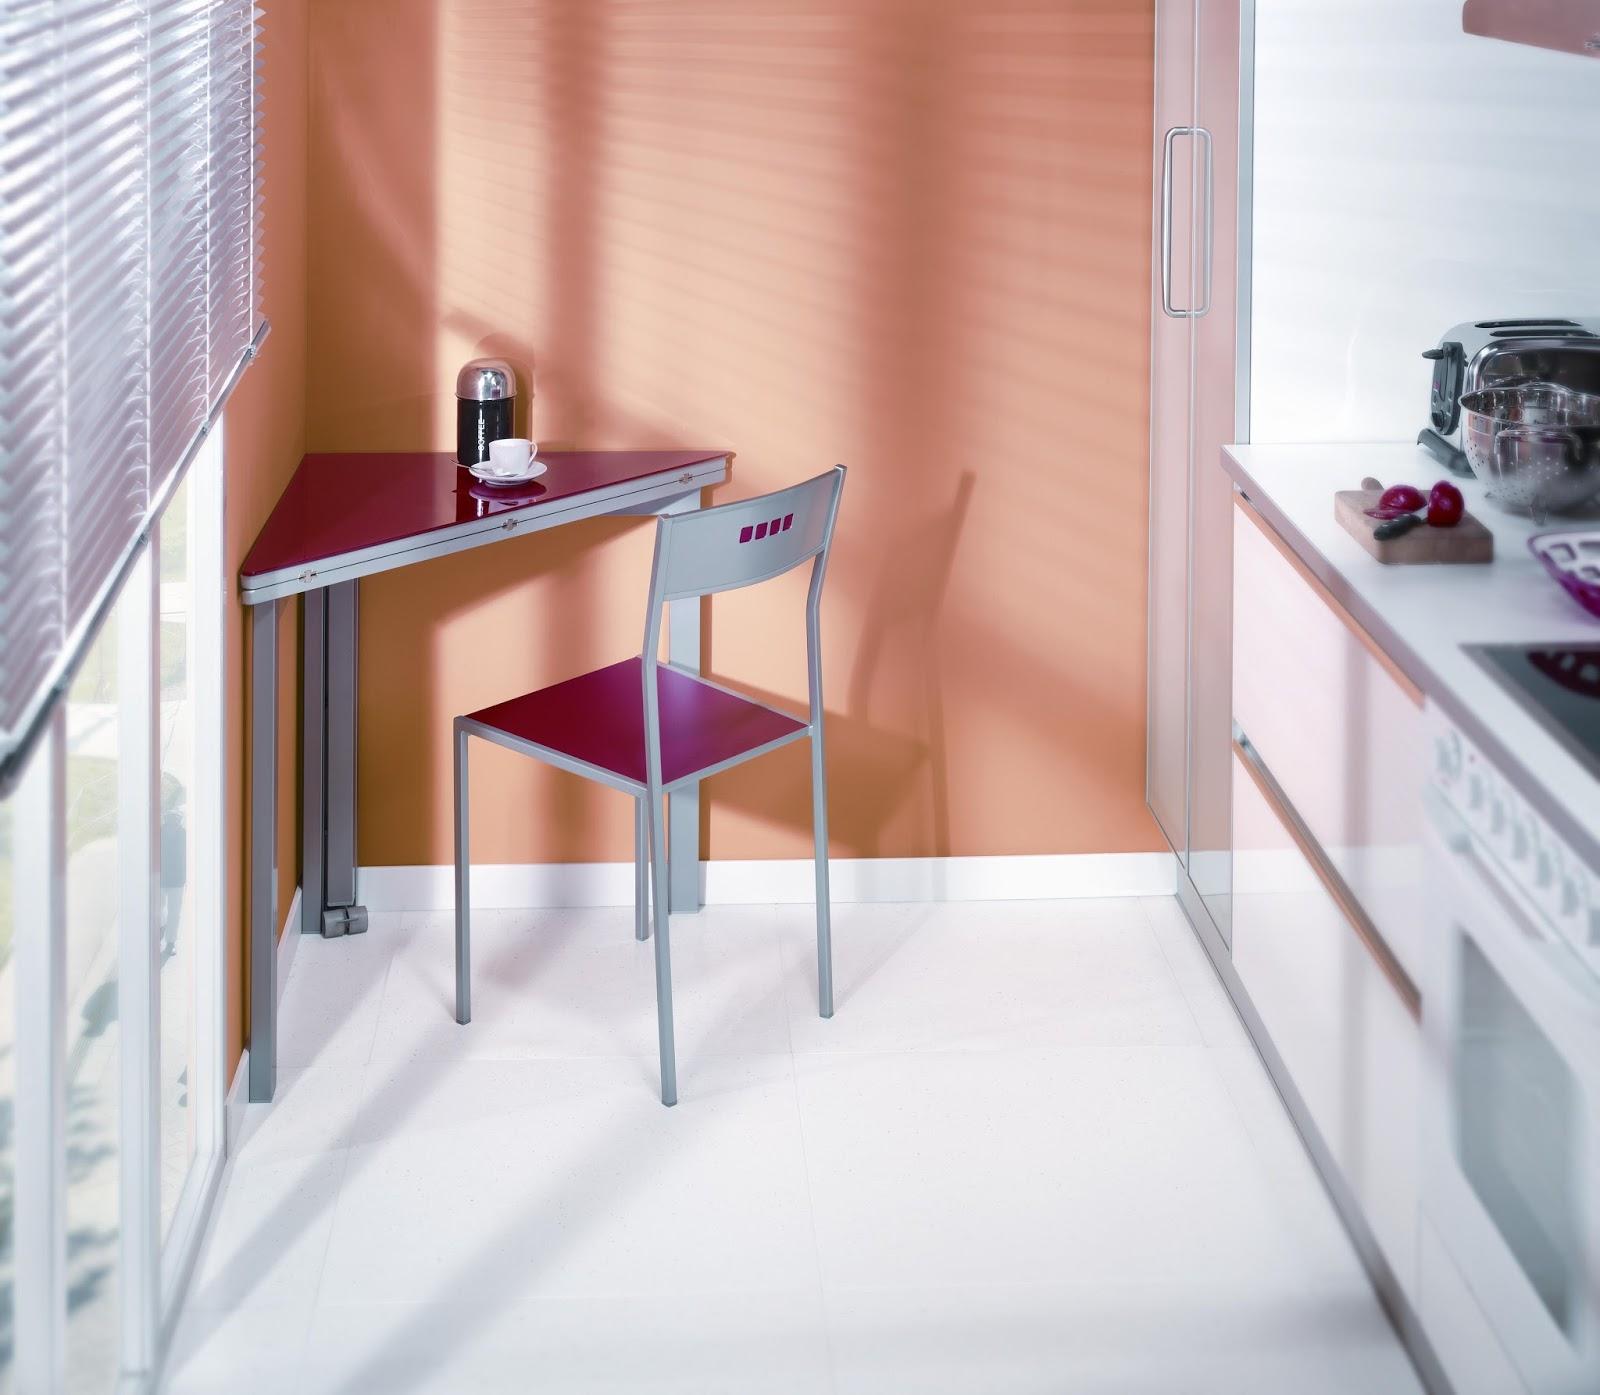 Hogar dulce hogar trucos para aprovechar el espacio for Mesas para esquinas